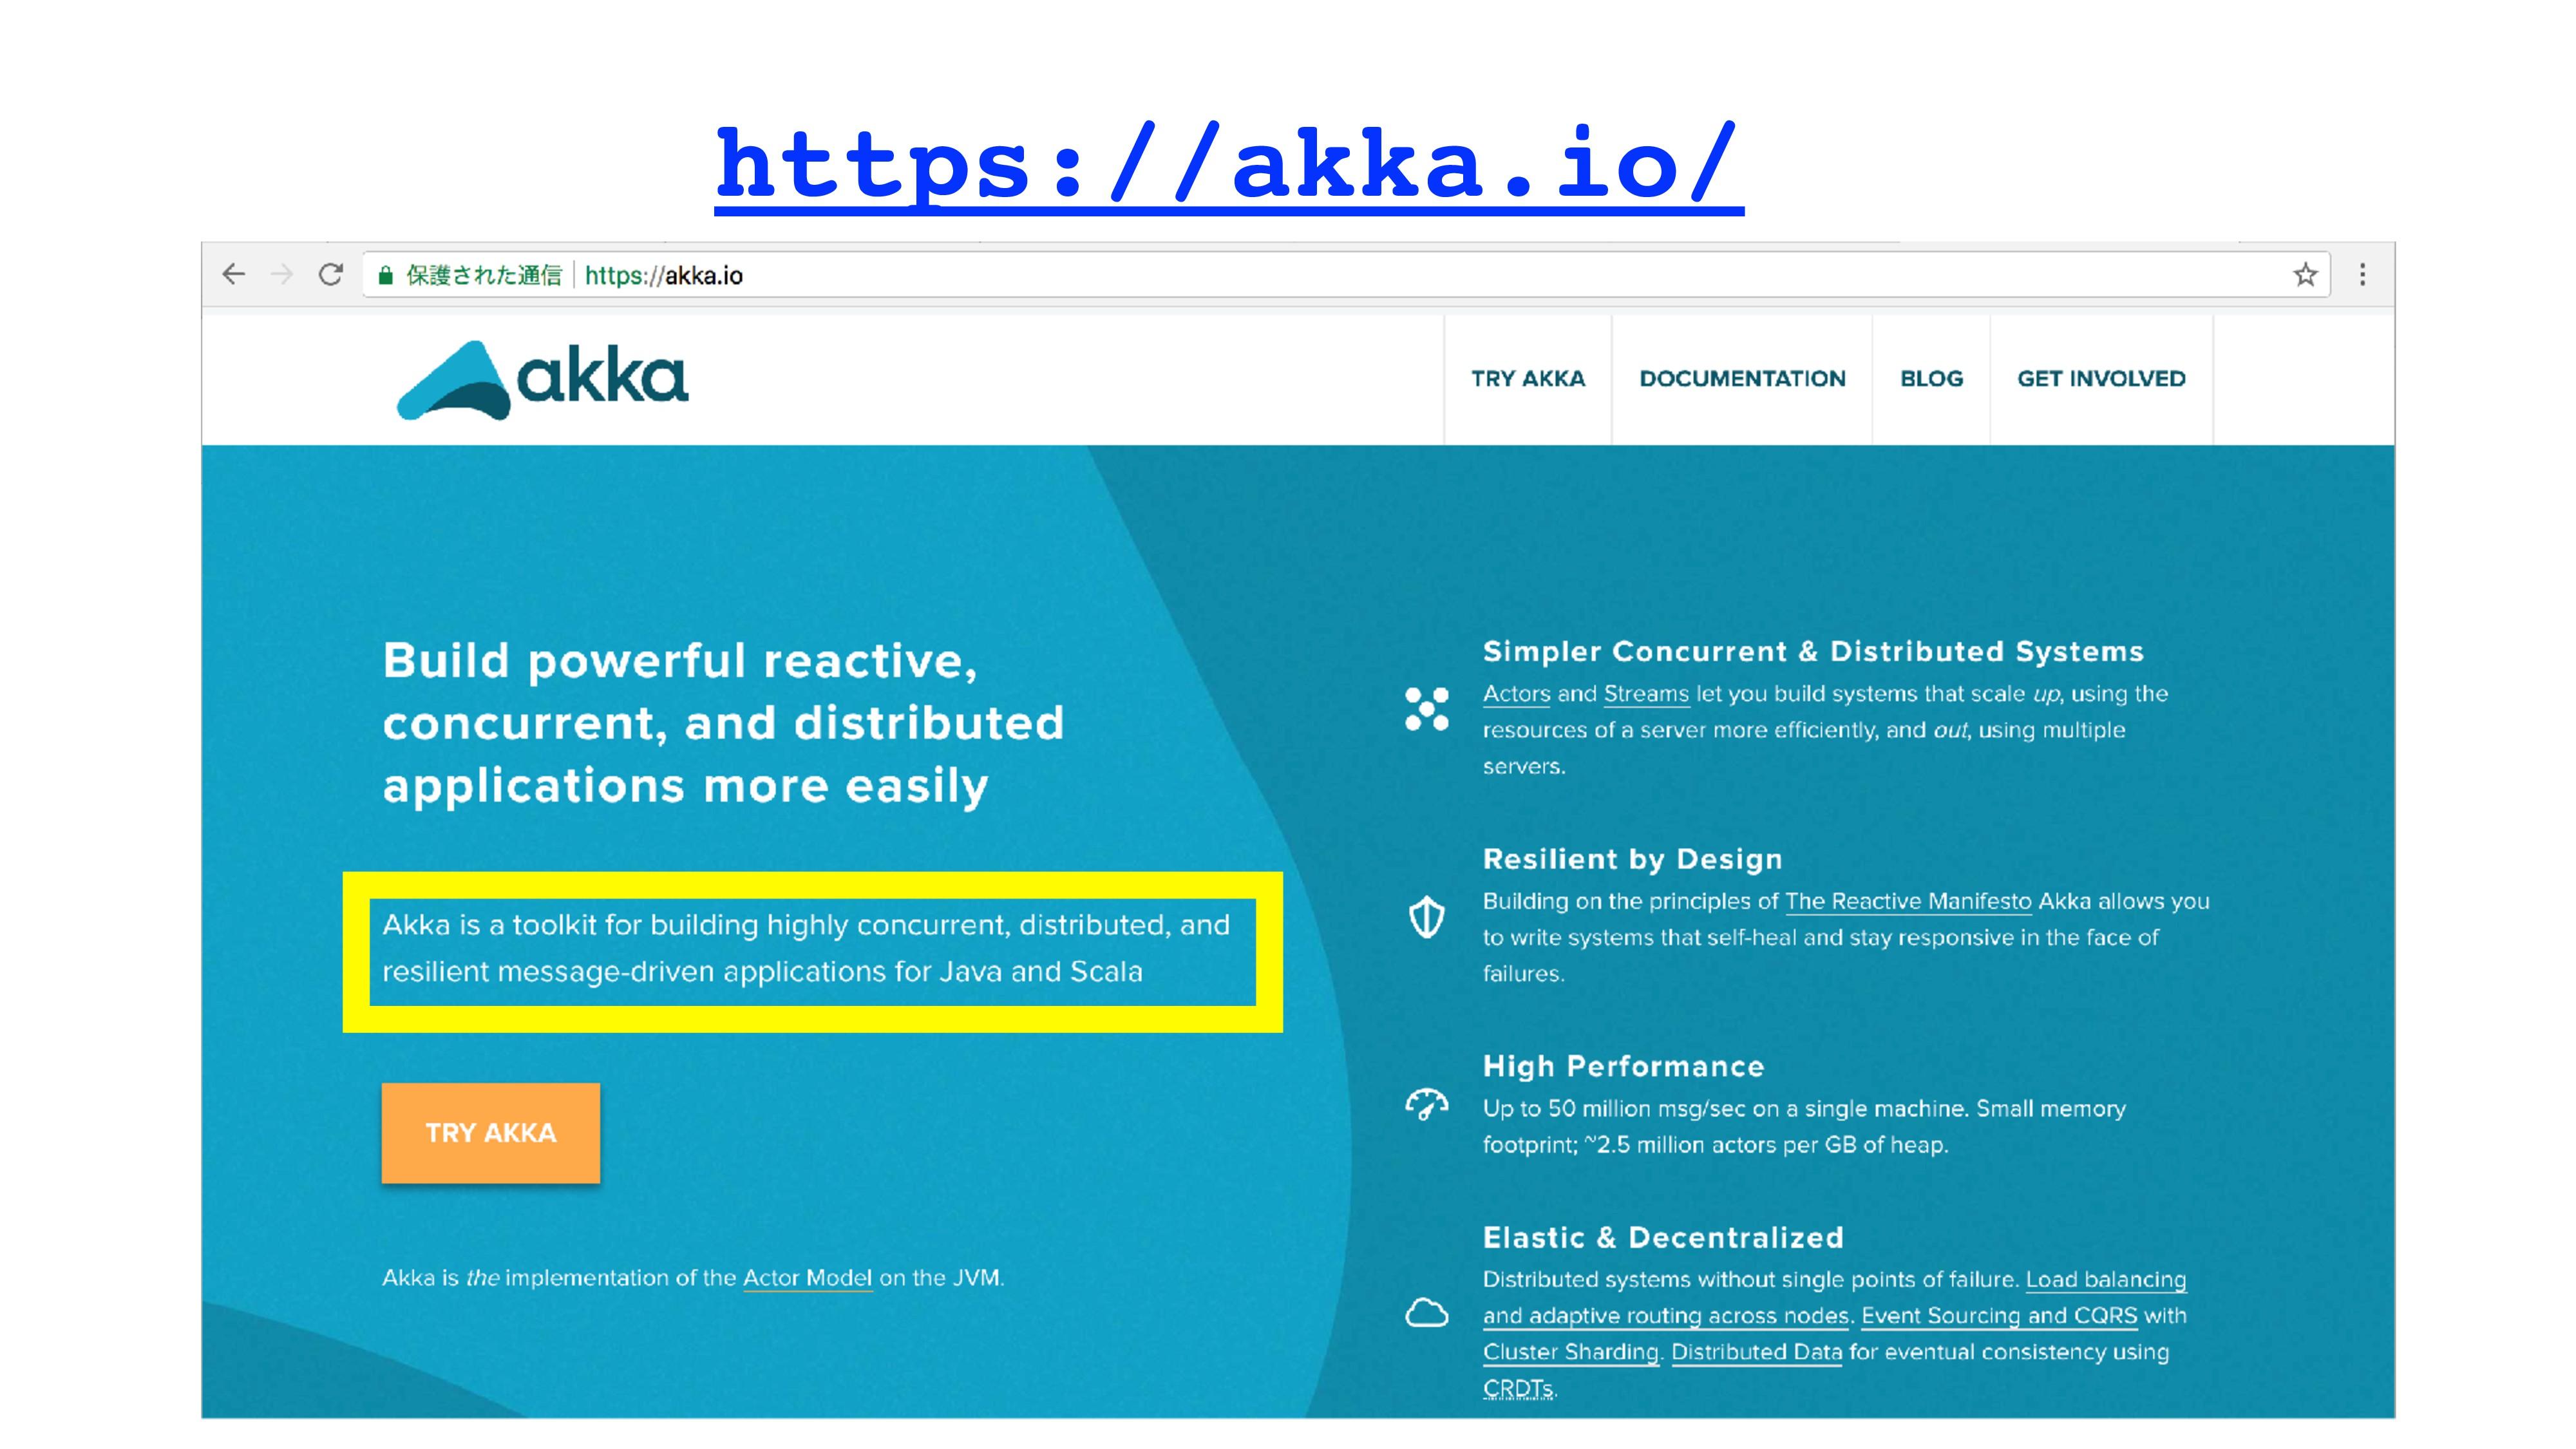 https://akka.io/